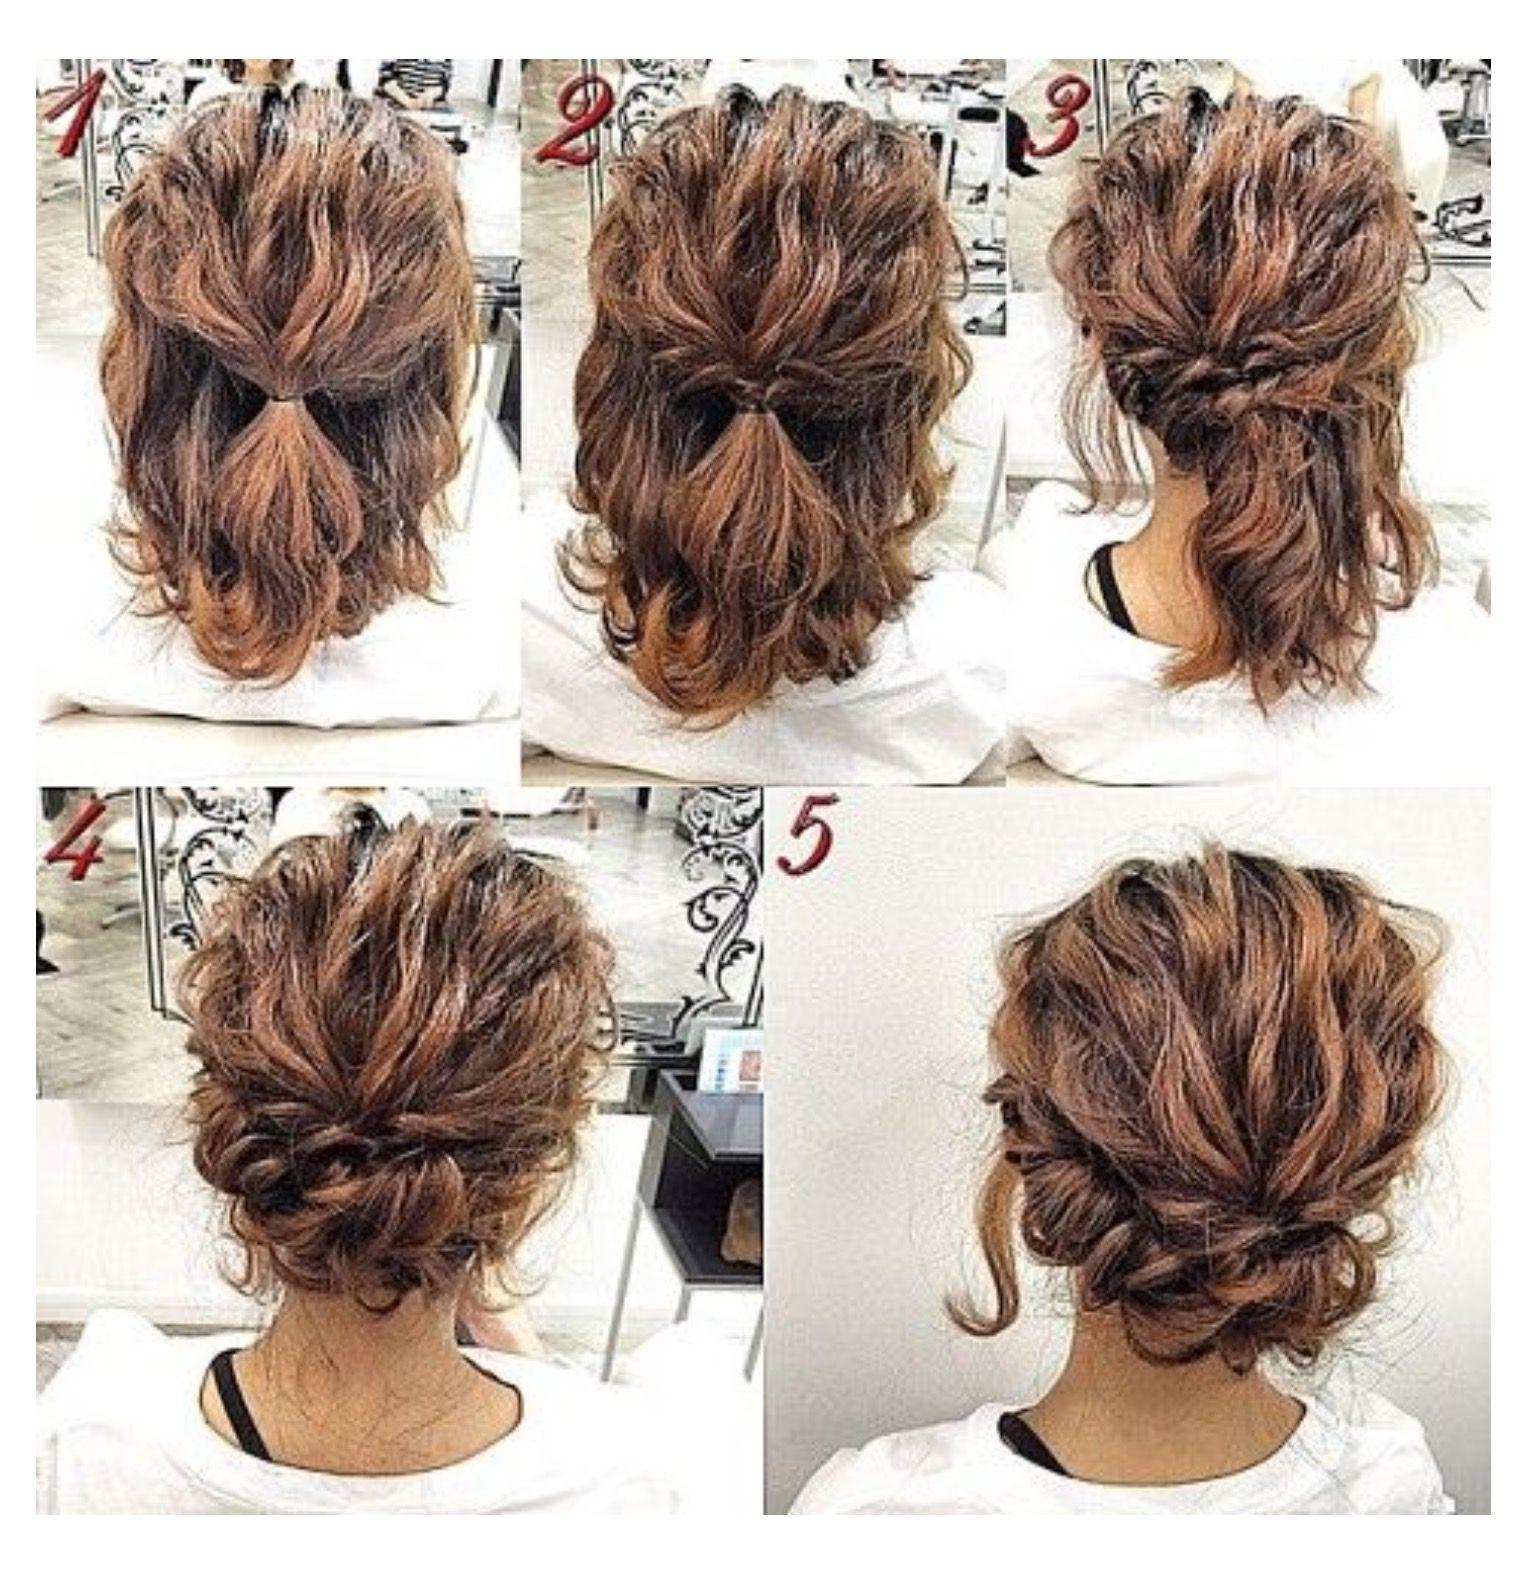 How To Classy Cute Messy Bun Gÿ Tutorials Compilation Youtube Cute Messy Buns Messy Bun For Short Hair Bun Hairstyles